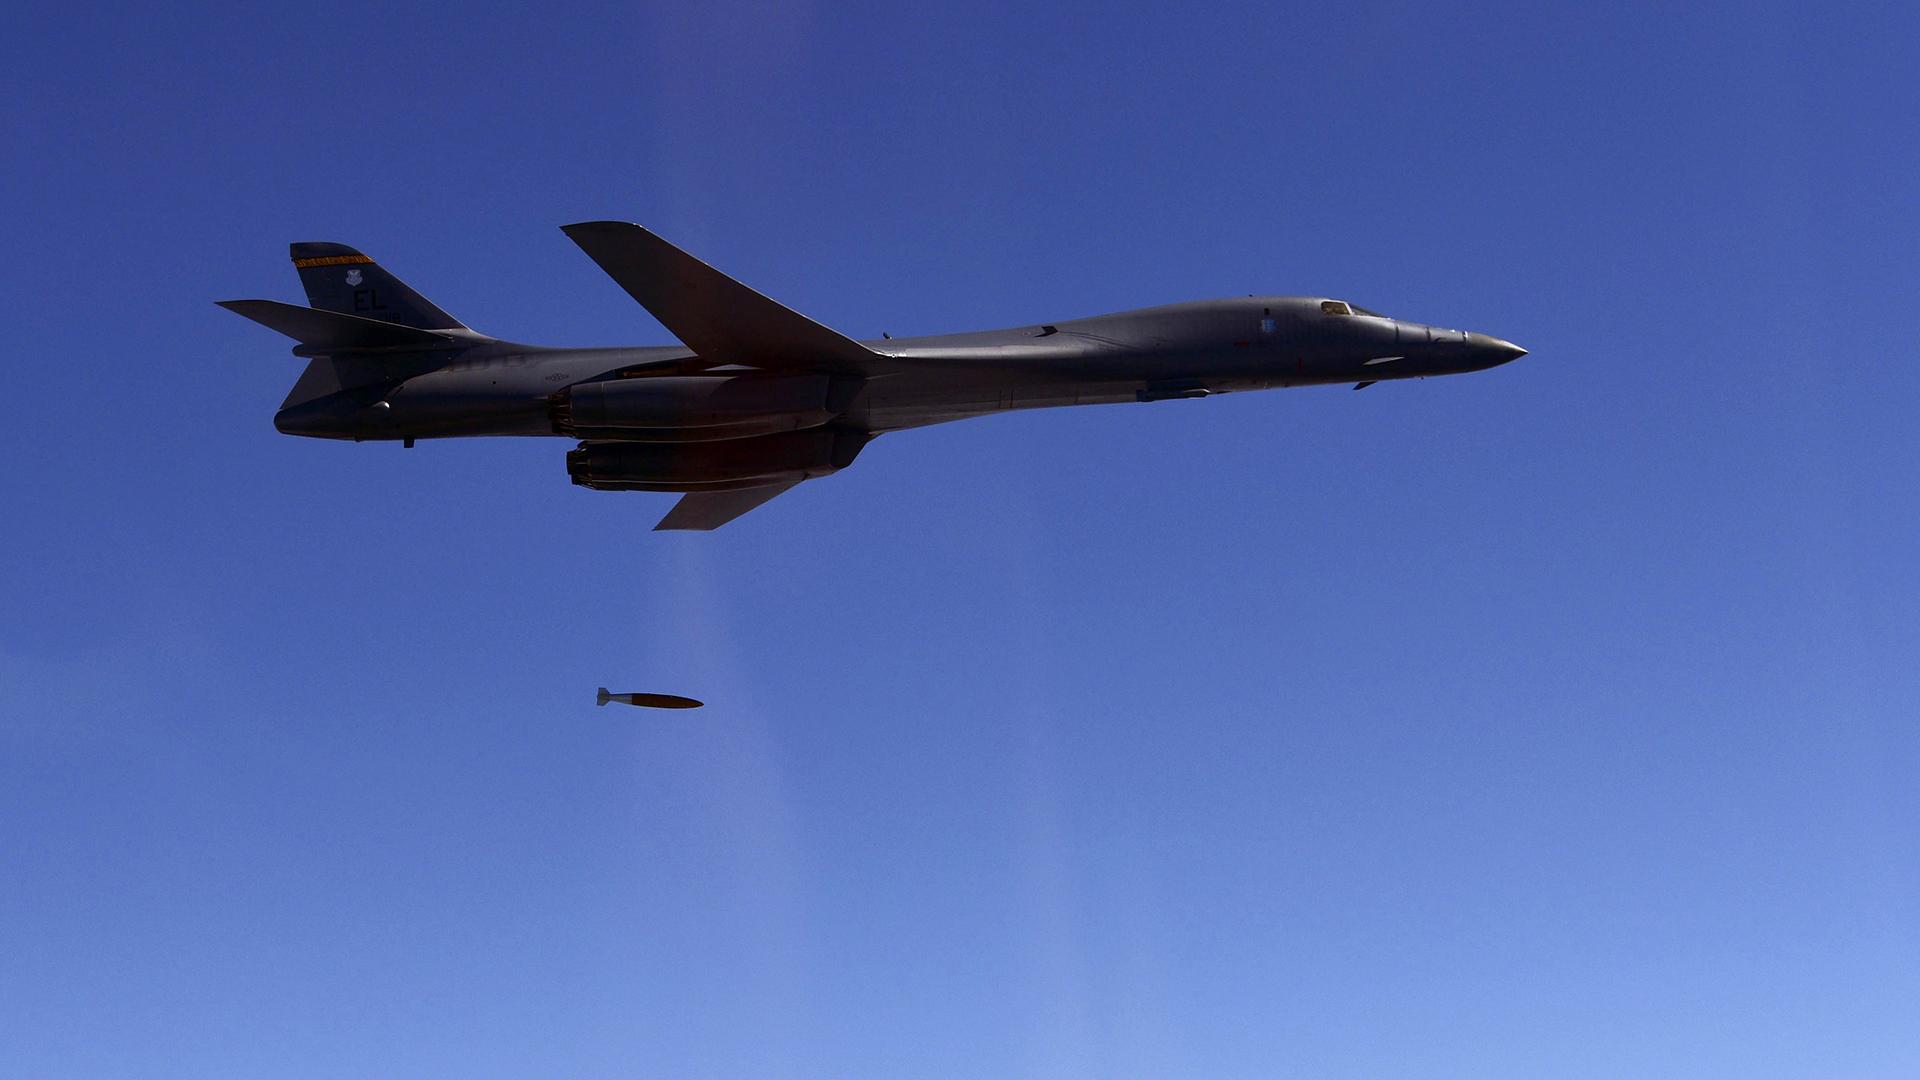 Los bombarderos nucleares B1-B Lancer volaron desde Guam para participar del ejercicio. En los últimos meses sus vuelos sobre la península coreana aumentaron las tensiones (AFP)